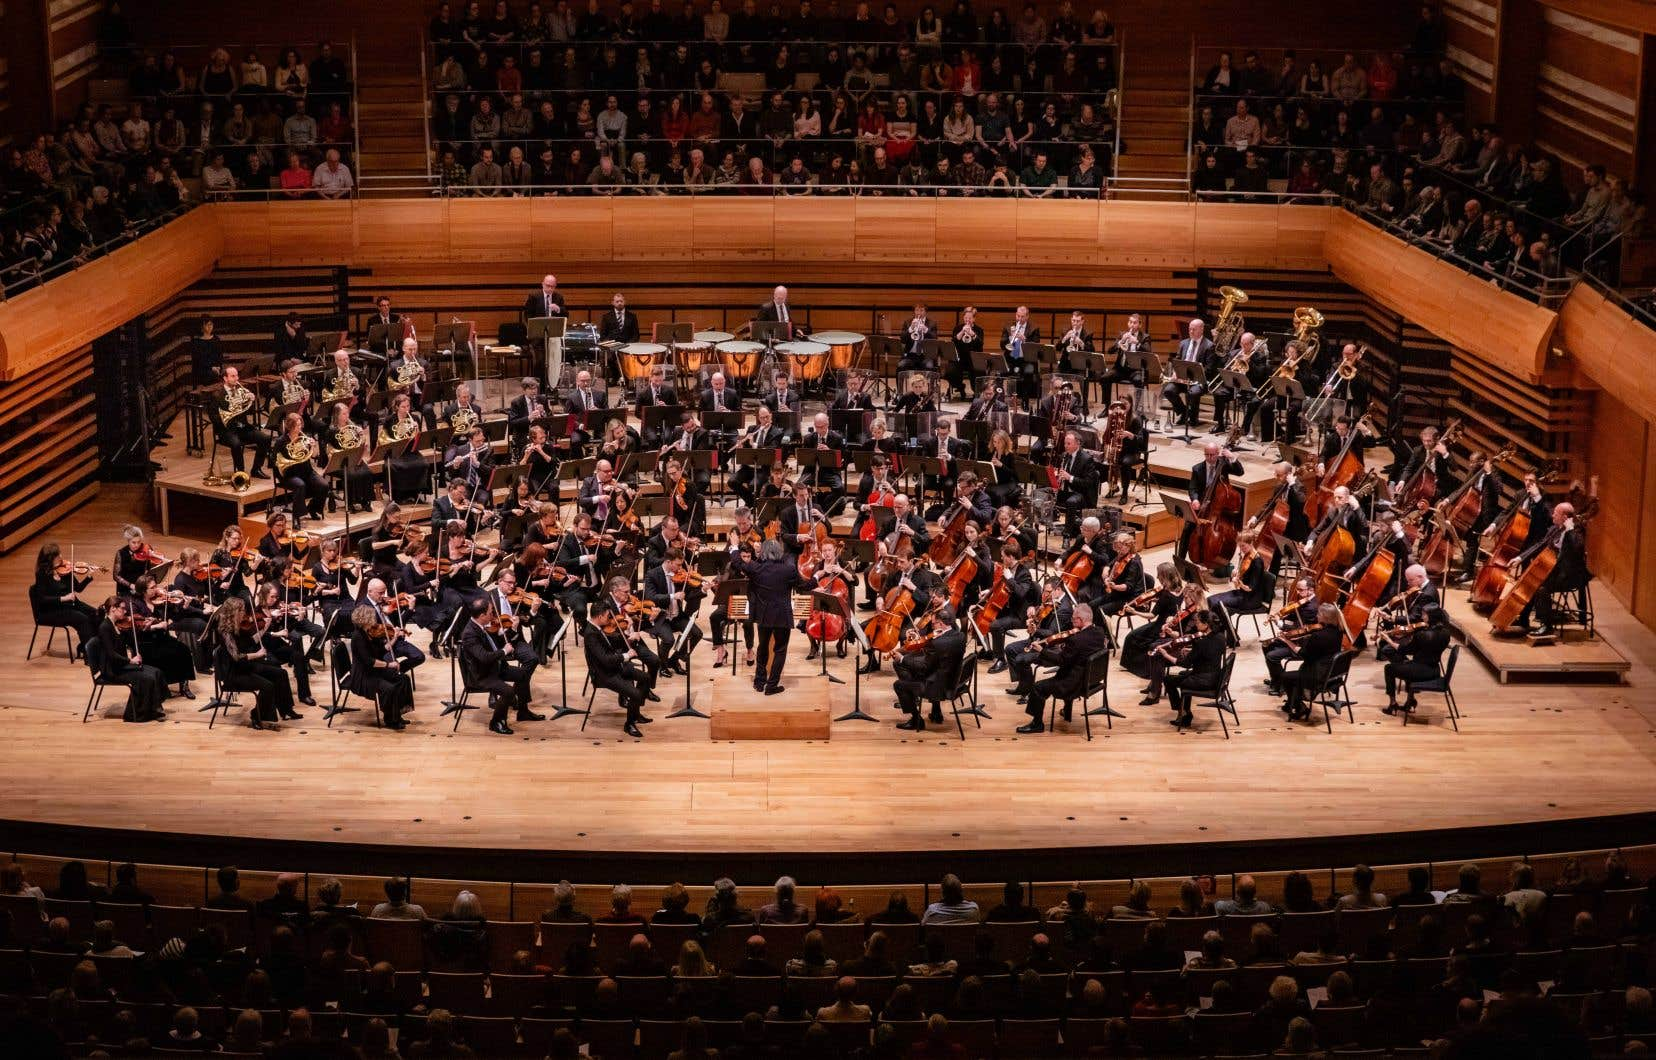 À cause des restrictions liées à la pandémie, l'OSM ne pourra pas avoir autant de musiciens sur scène qu'auparavant. Et le public devra être limité à 250 personnes. Un défi de taille en vu de la programmation automnale.